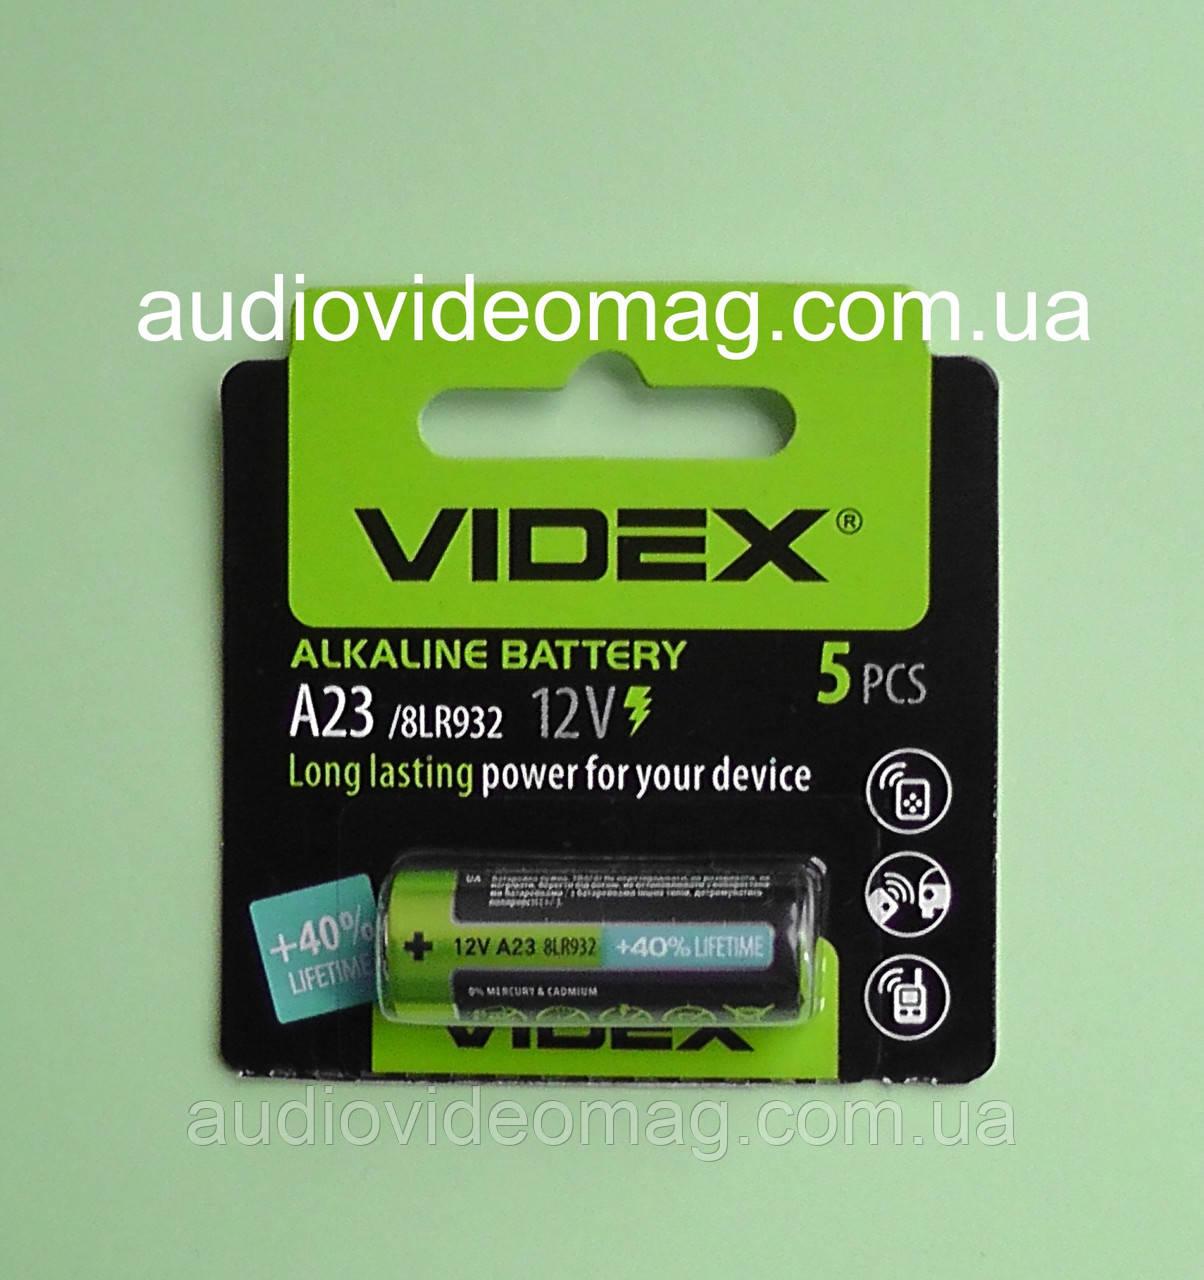 Батарейка Videx 12V А23 Alkaline, щелочная